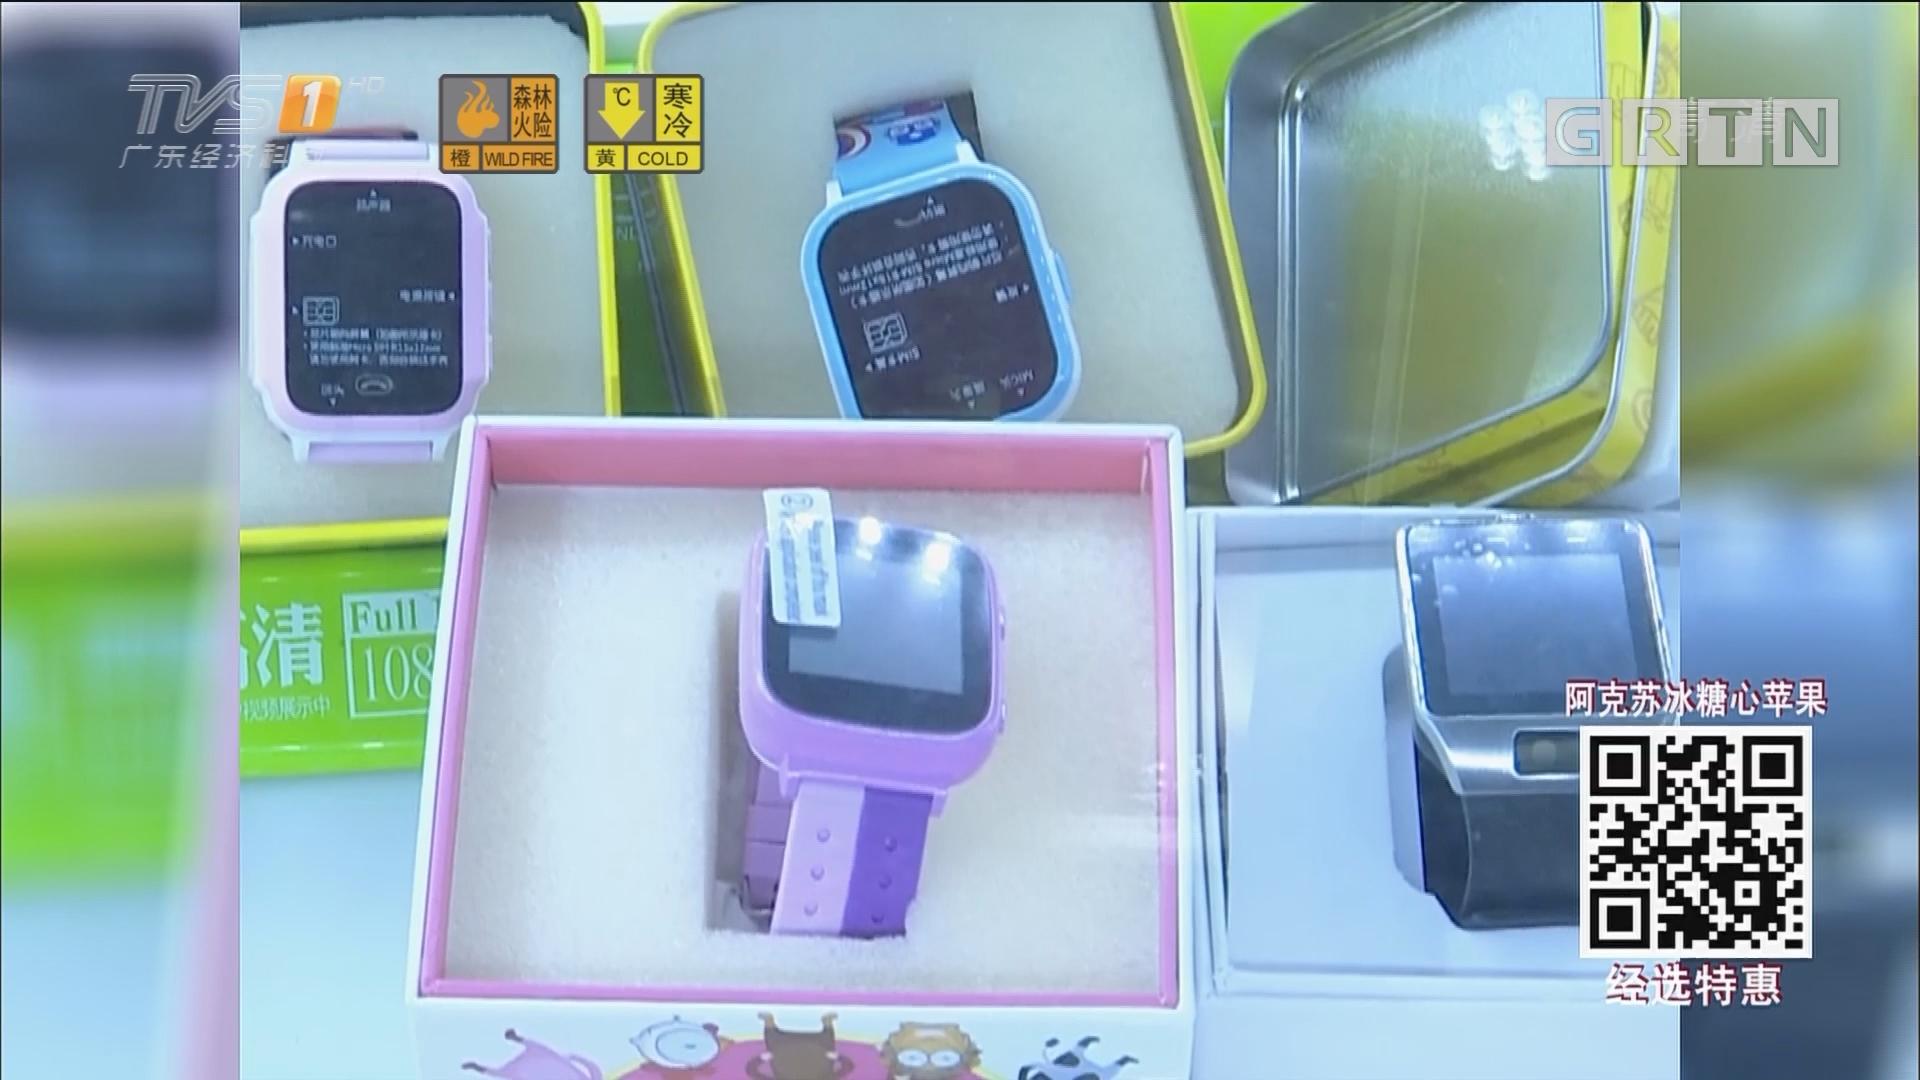 儿童电话手表国外被禁用 使用安全要注意